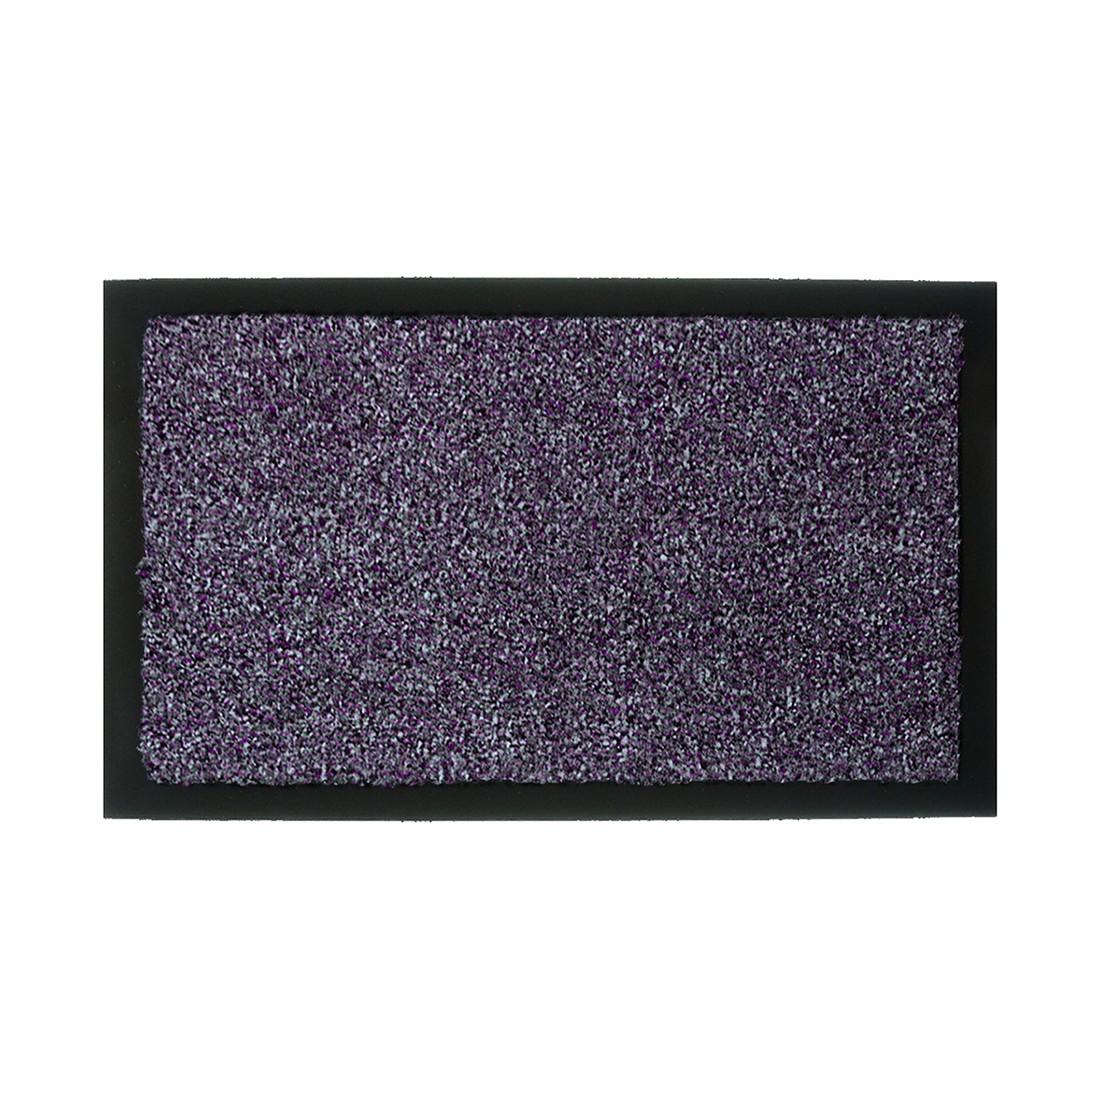 Fußmatte Zircon – Anthrazit/Lila – 90 x 150 cm, Astra jetzt bestellen